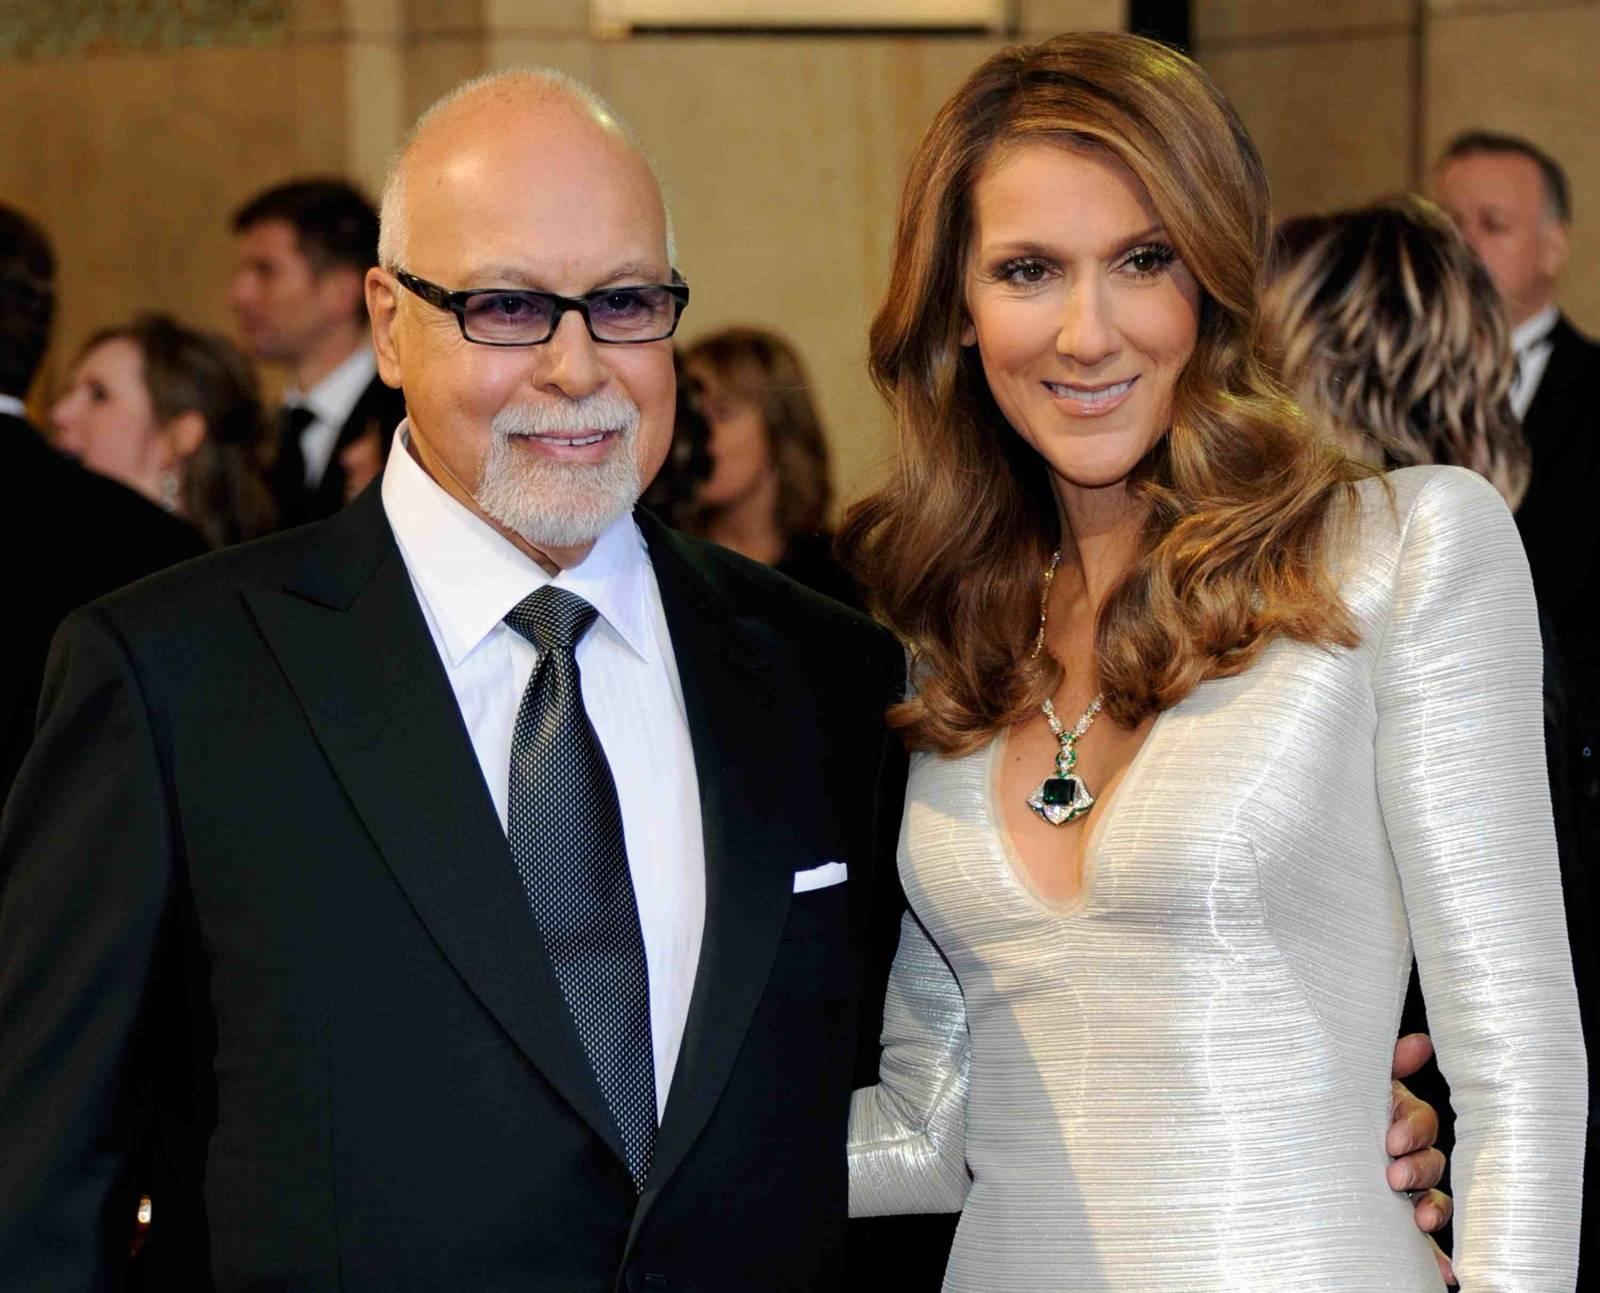 Rakovina znovu zabíjela: Zemřel René Angélil, manžel a manažer Celine Dion